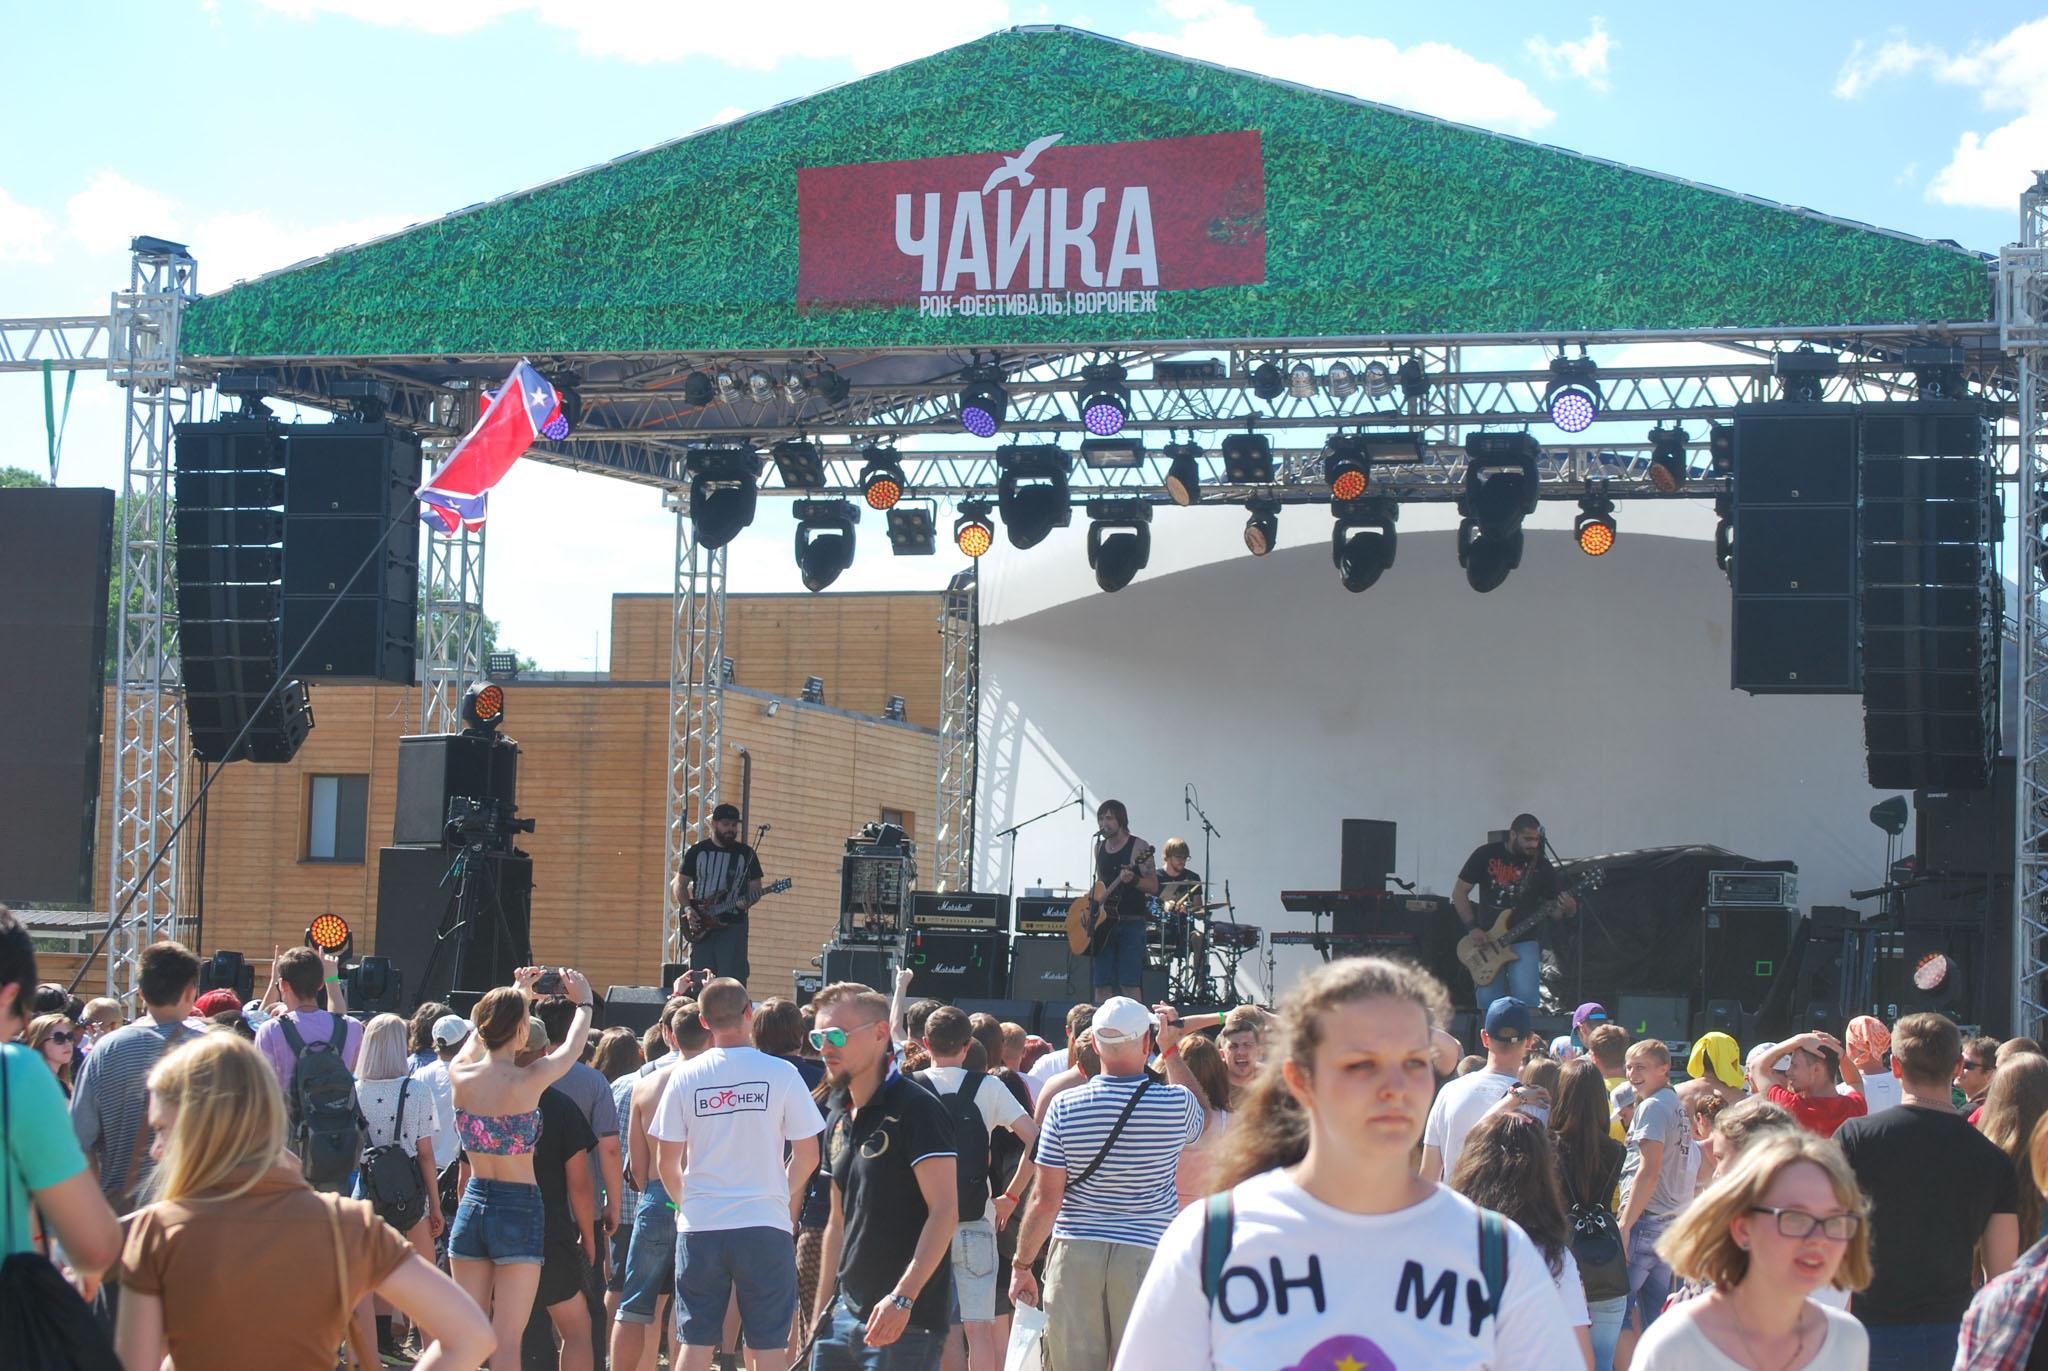 Чайка рок фестиваль воронеж